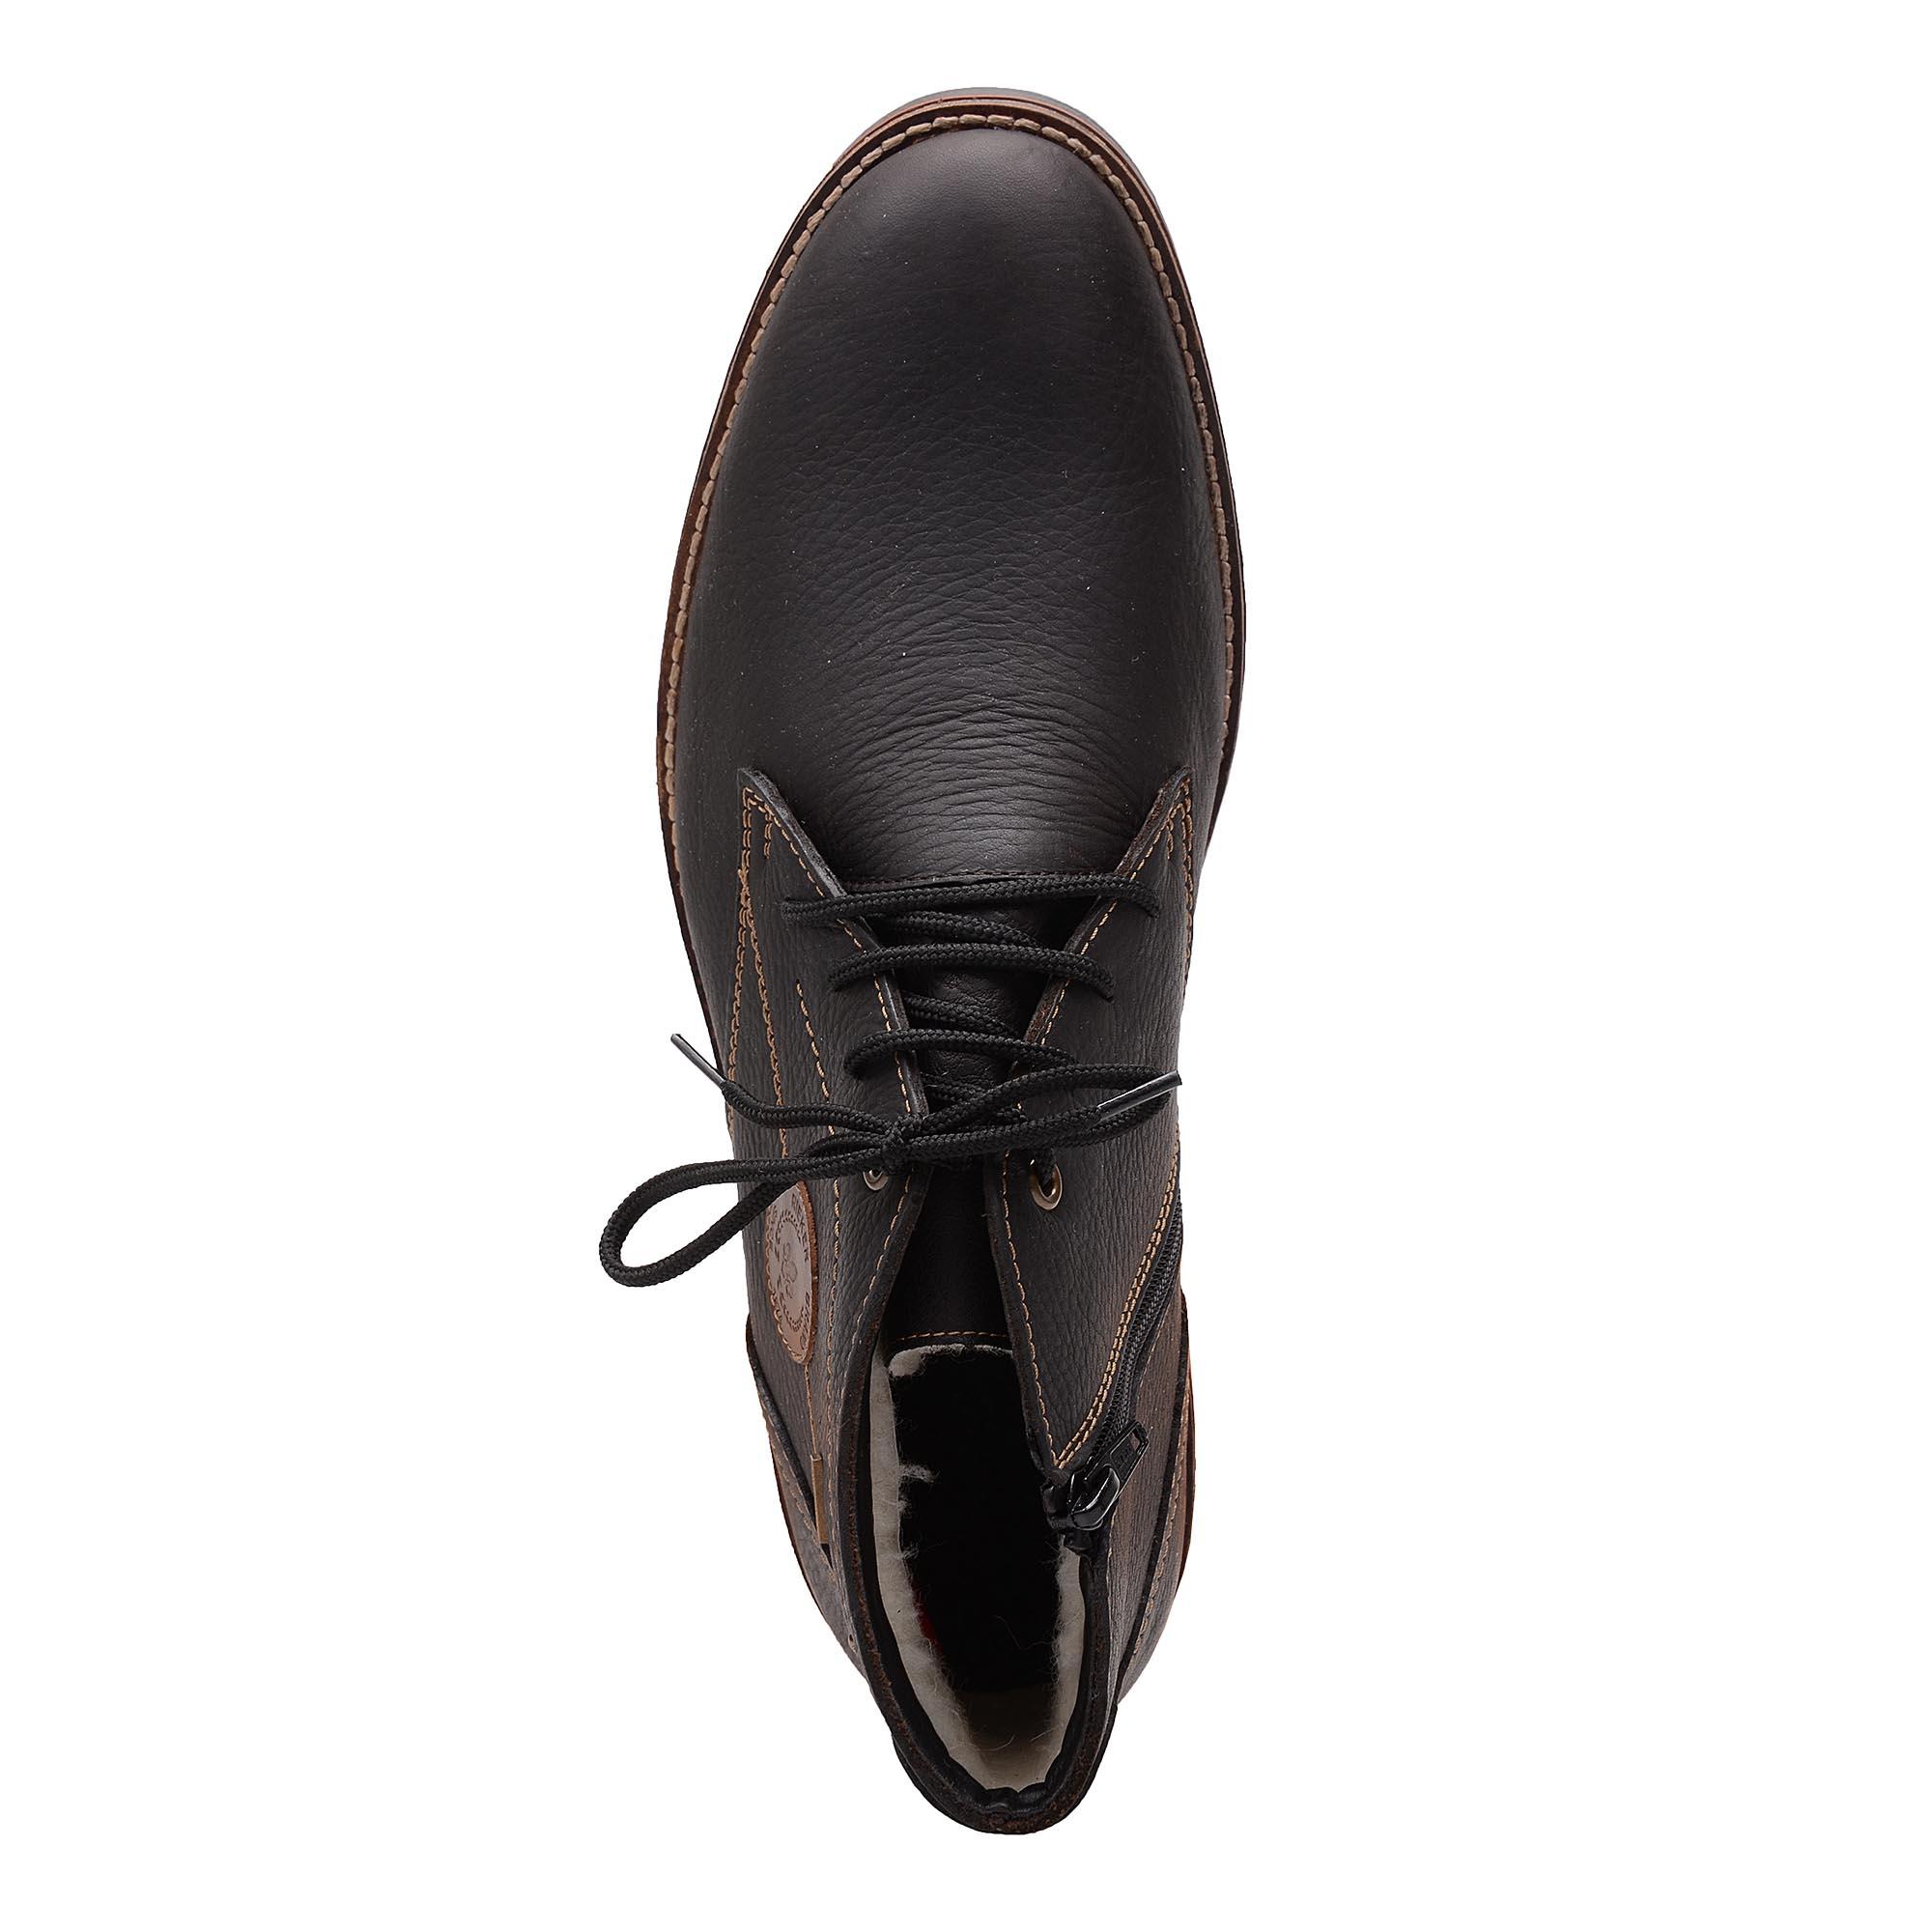 3f7a6c2342c2b Pánská obuv RIEKER 35329/25 BRAUN H/W 7 | Rieker obuv